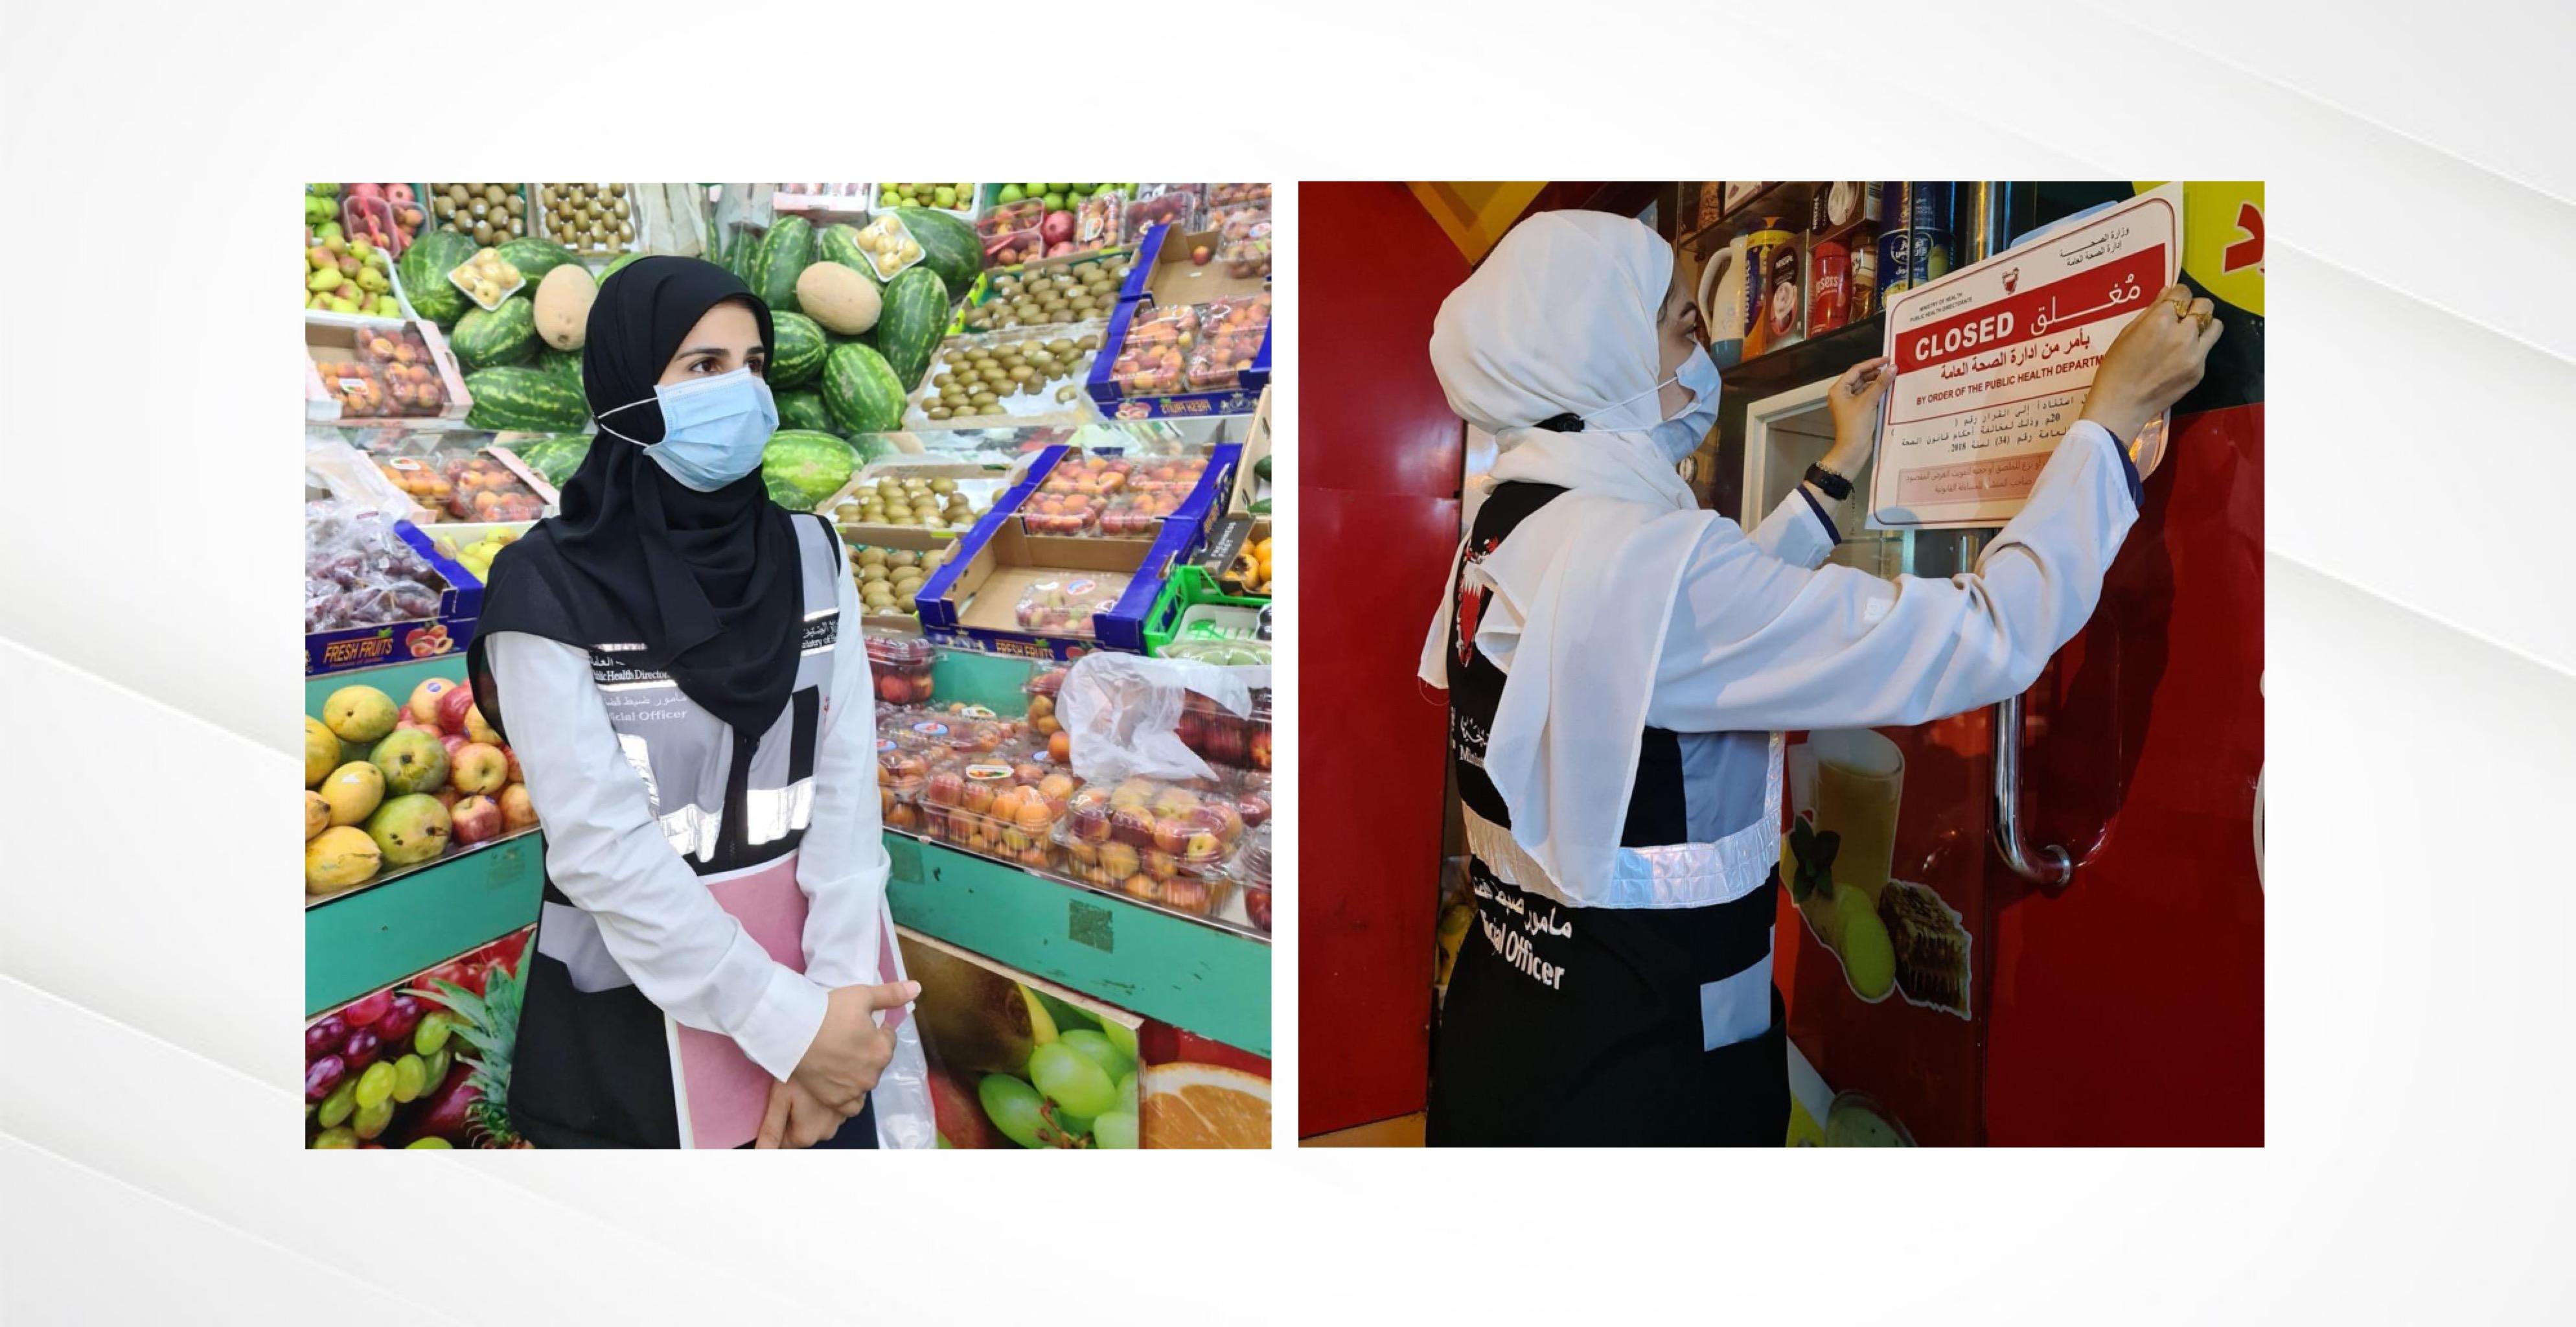 وزارة الصحة: حملات تفتيشية شملت 182 مطعمًا ومقهى ومخالفة 52 منها، ومخالفة مطعم